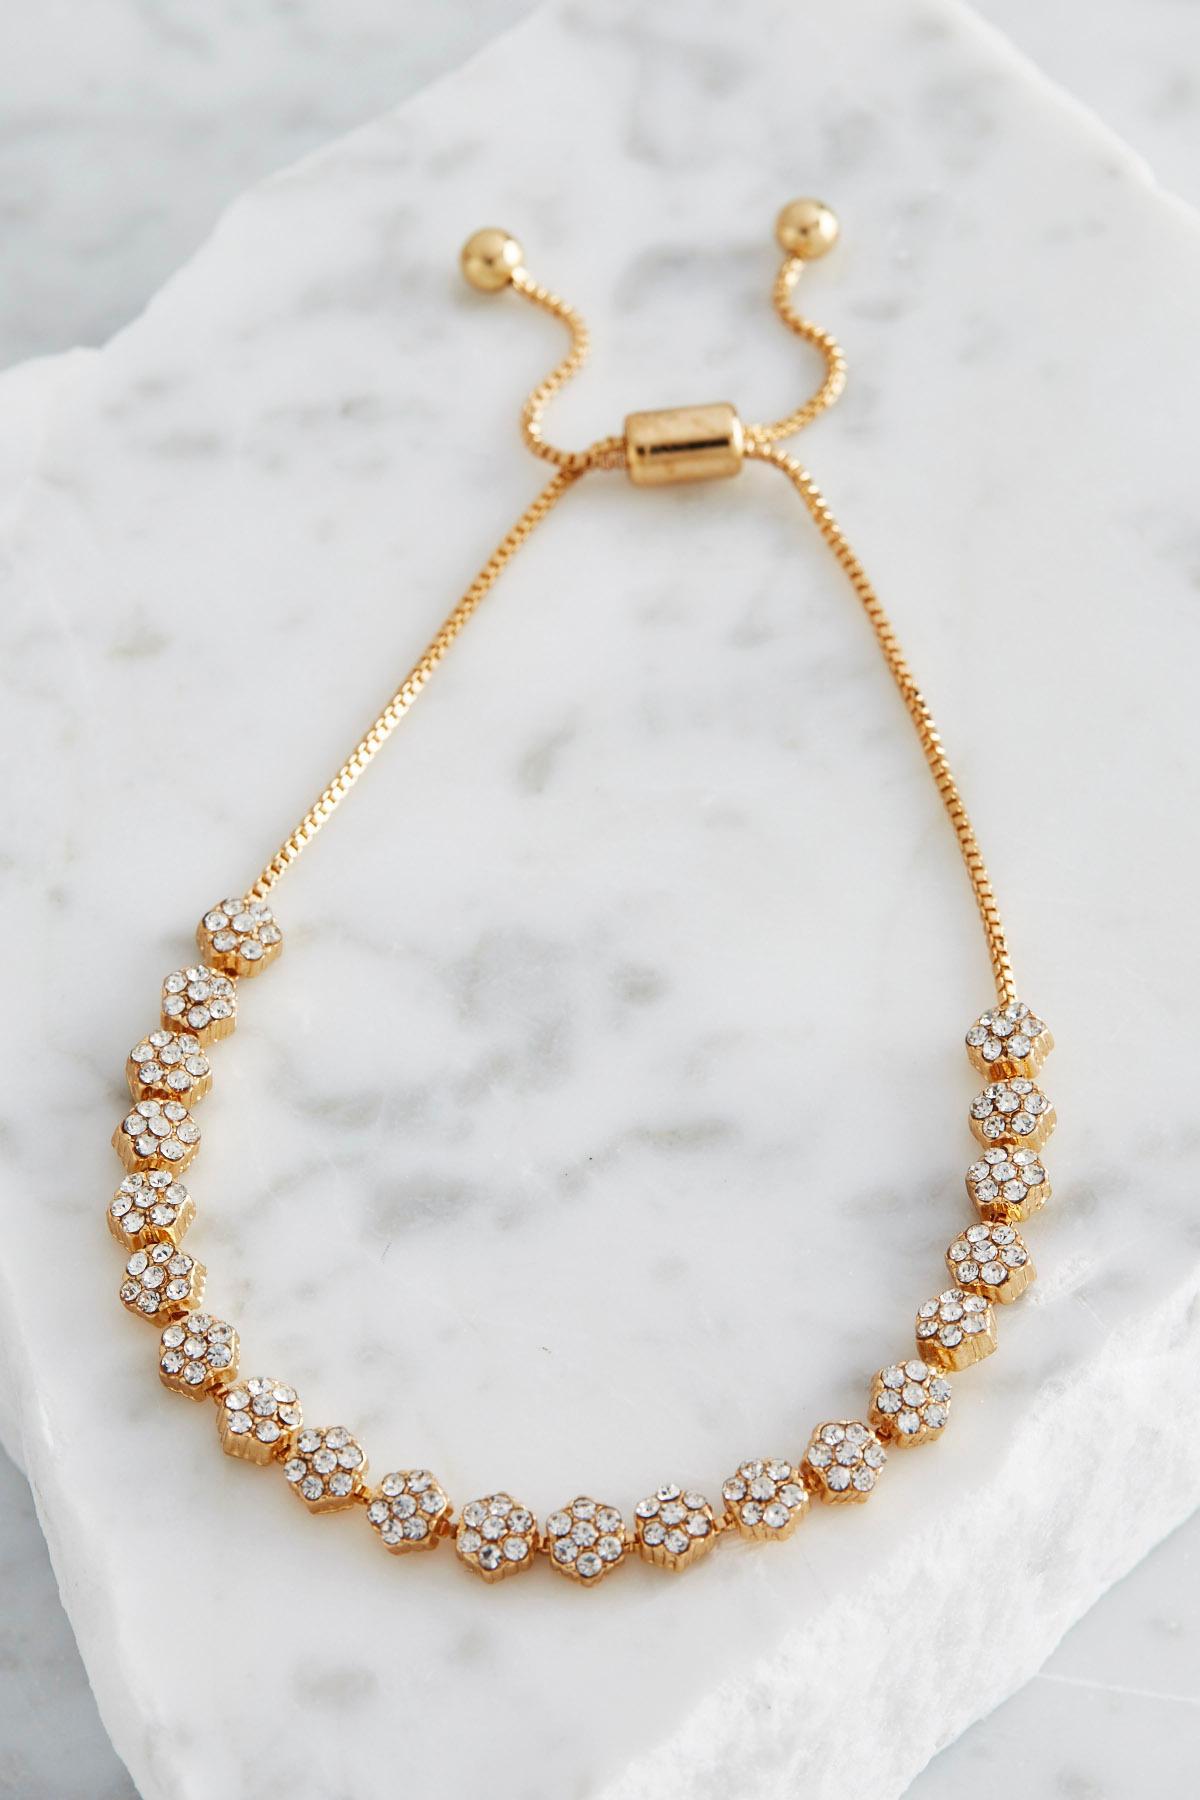 Pave Flower Dainty Bracelet